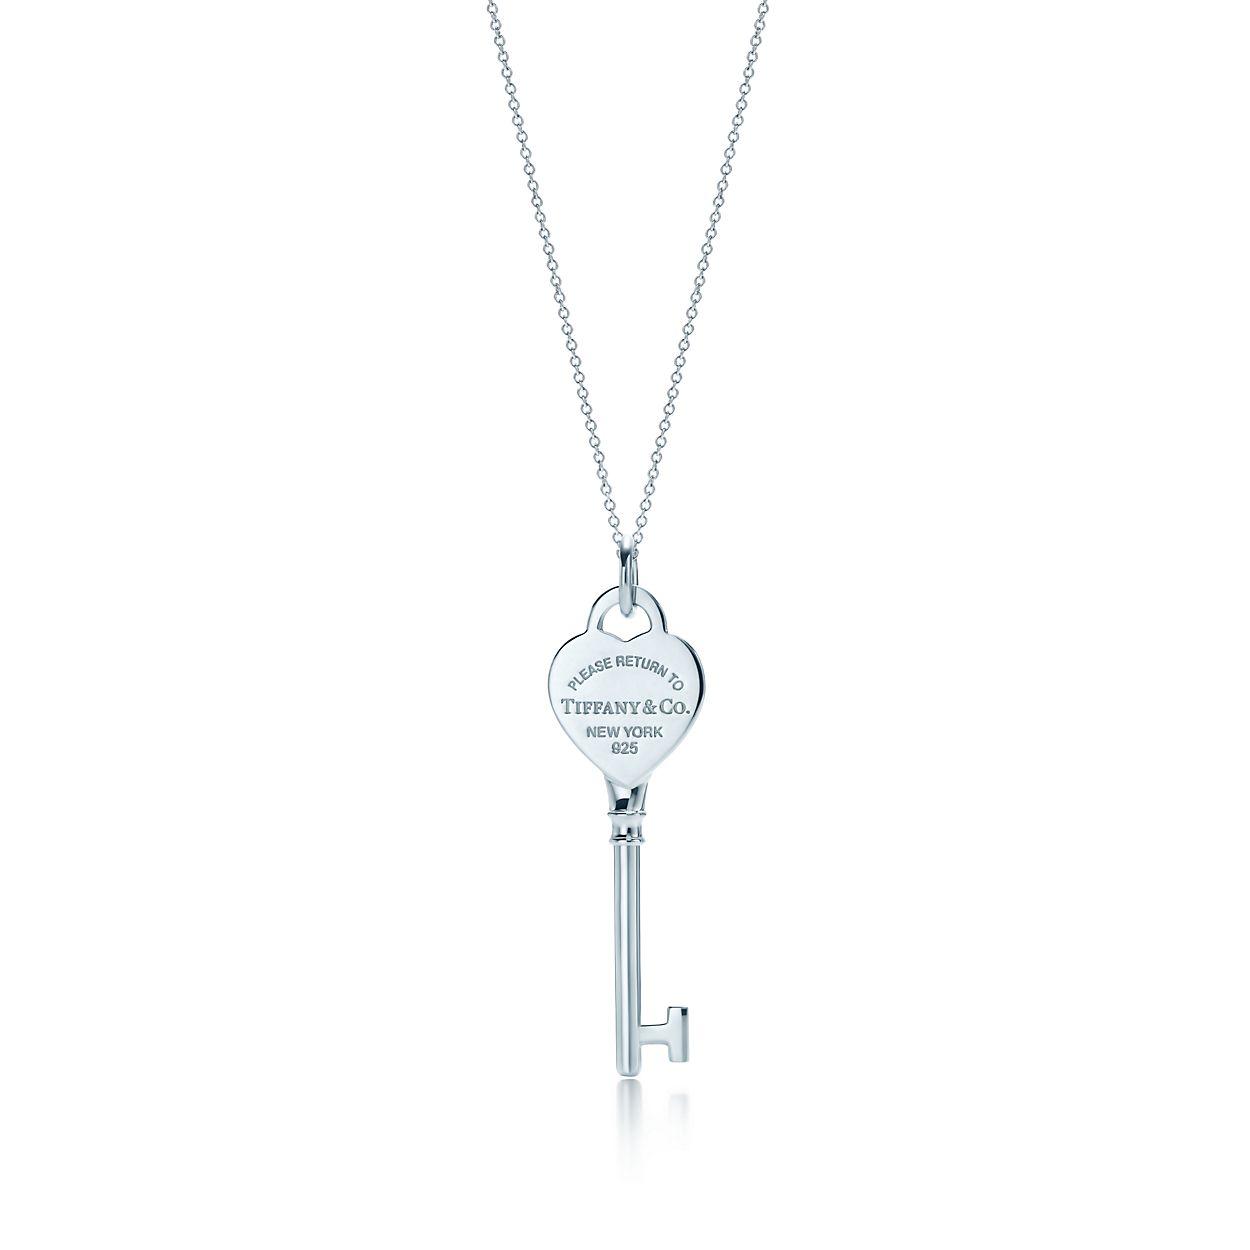 Tiffany Keys Return to Tiffany round key pendant in 18k gold Tiffany & Co. 4G3Um